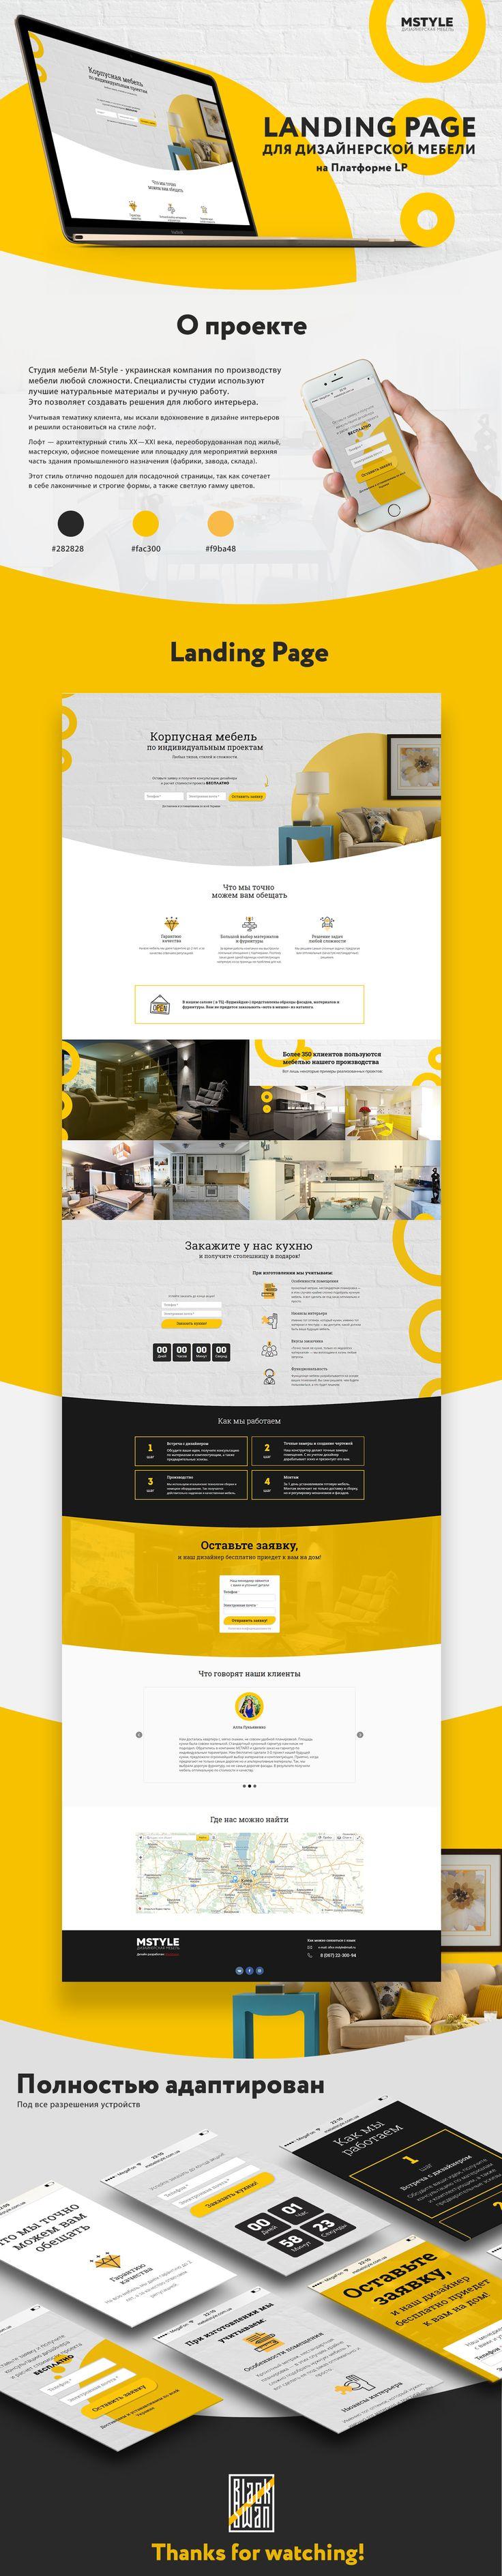 Landing page для компании по производству мебели на заказ в Киеве на Платформе LP.